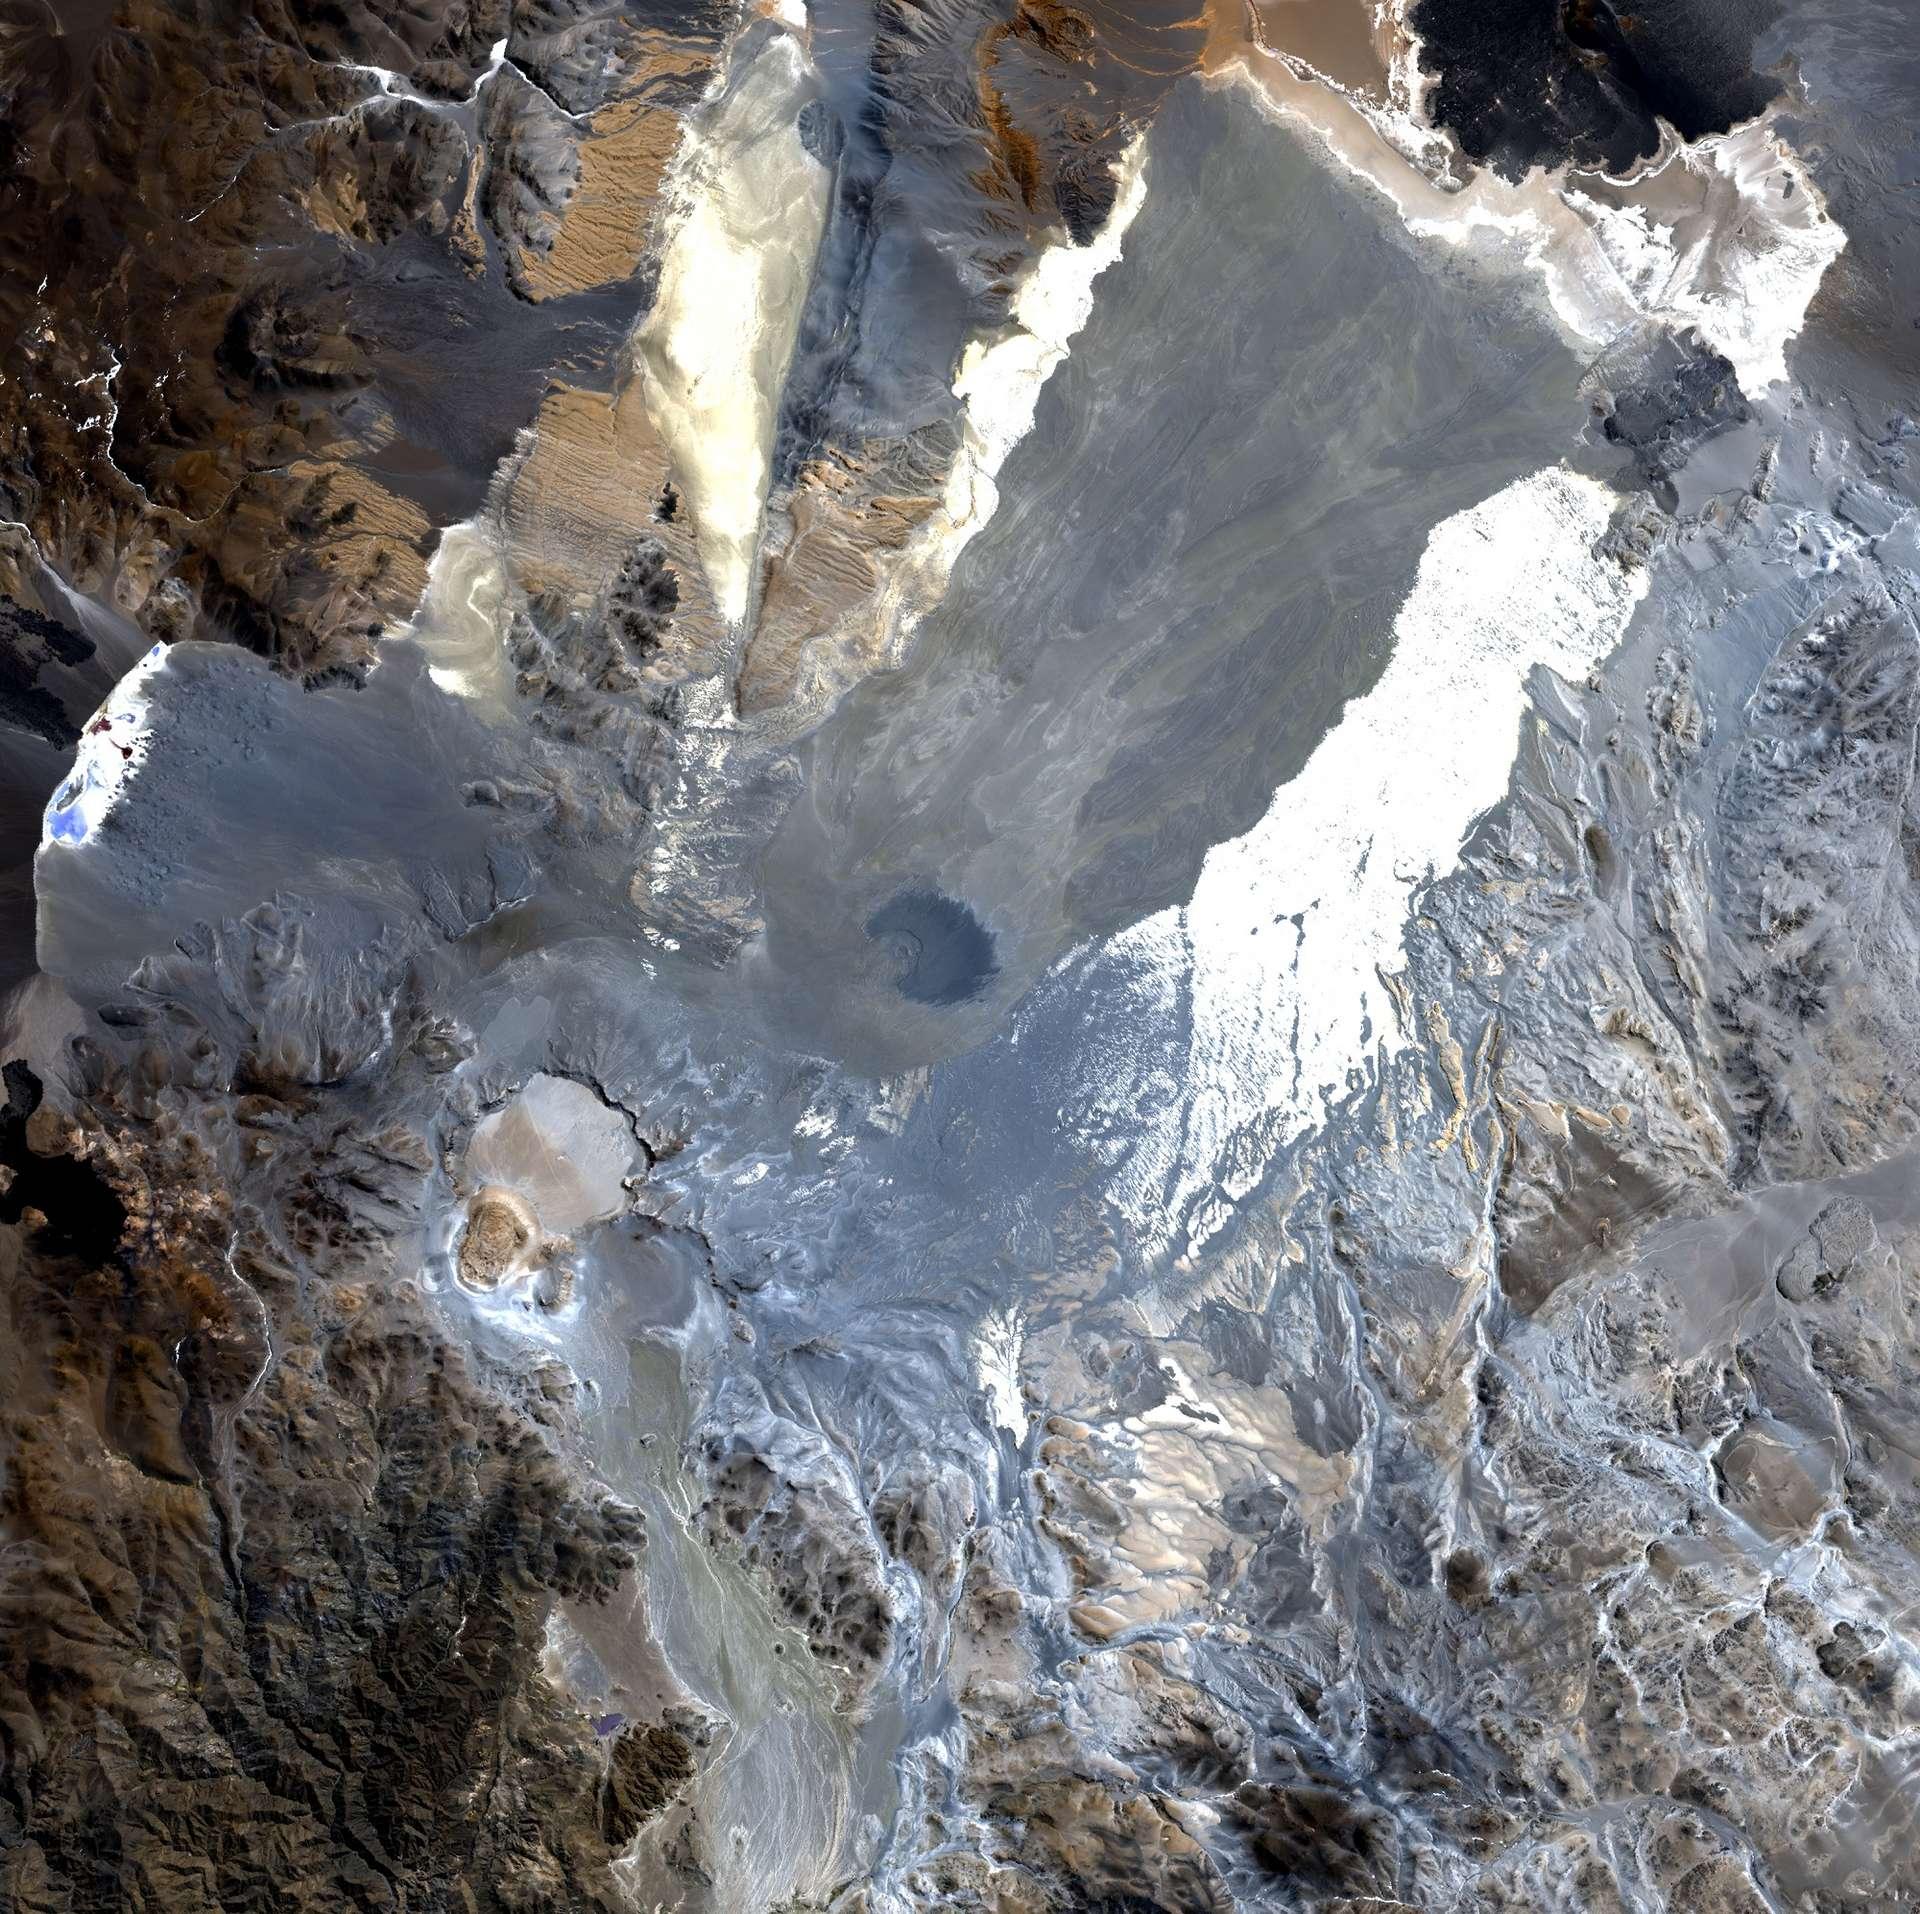 le carbone 14 peut être utilisé pour dater des coulées de lave